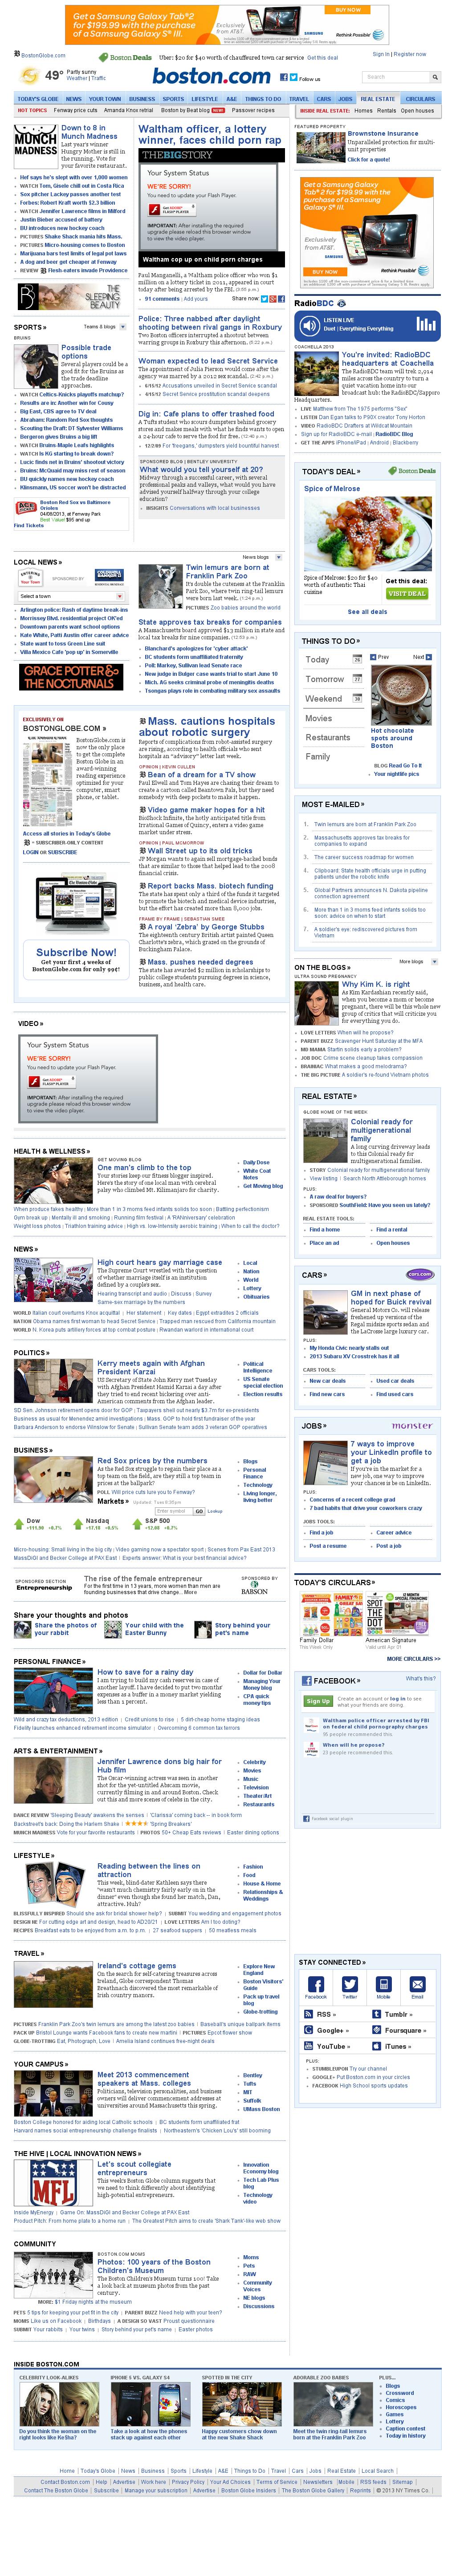 Boston.com at Tuesday March 26, 2013, 10:04 p.m. UTC